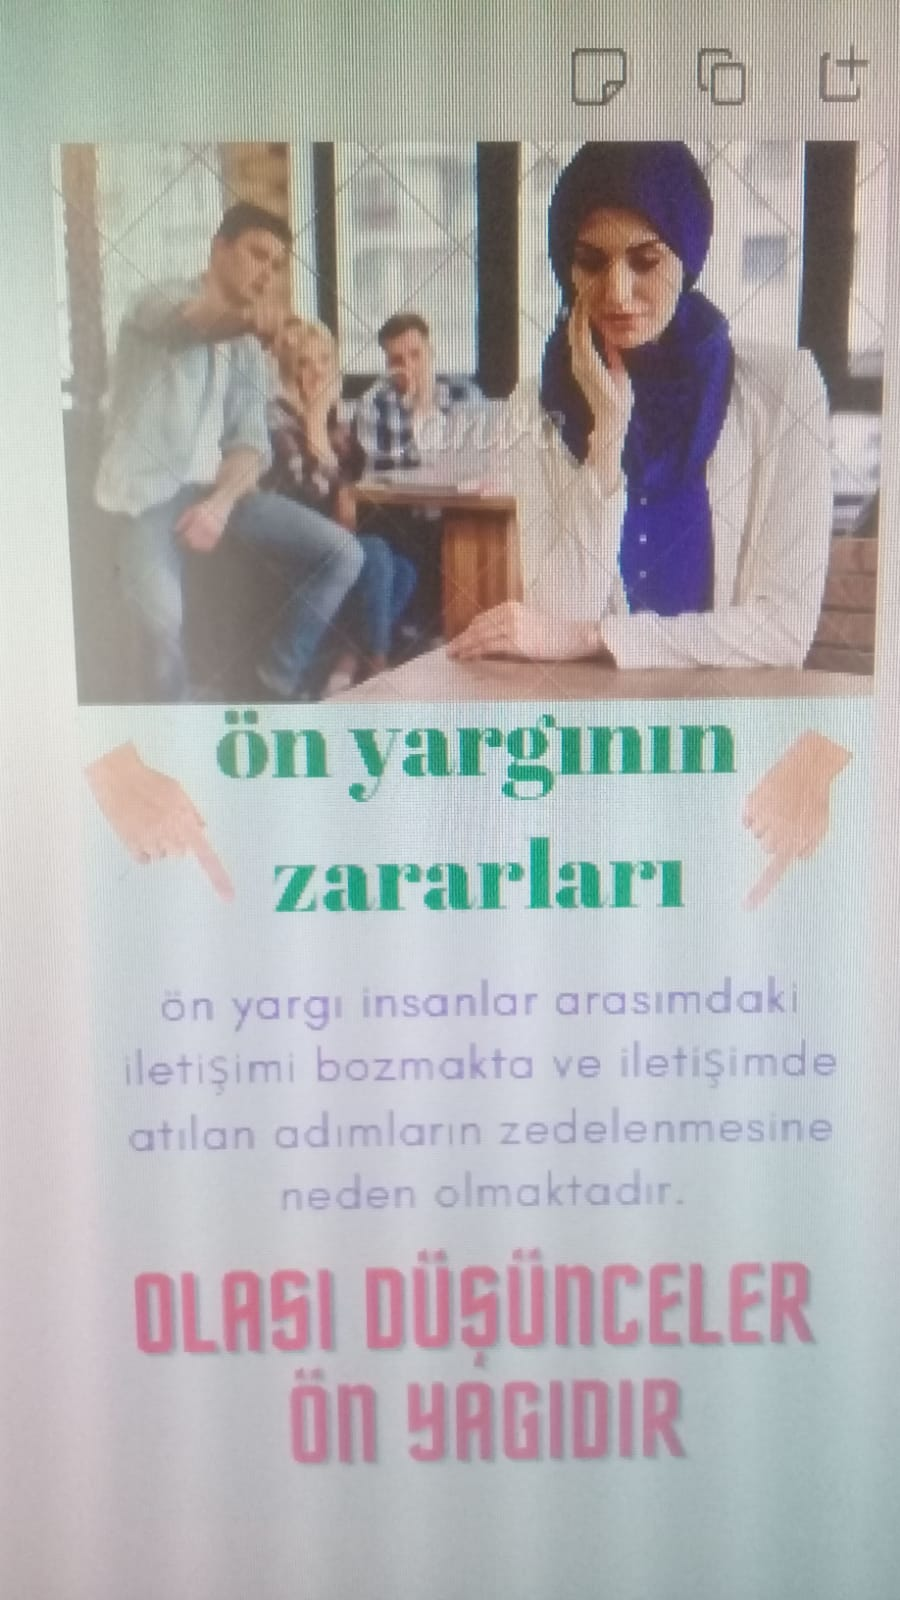 İLETİŞİMİ ETKİLEYEN OLUMLU YA DA OLUMSUZ FAKTÖRLER by Zühre TARIK - Ourboox.com